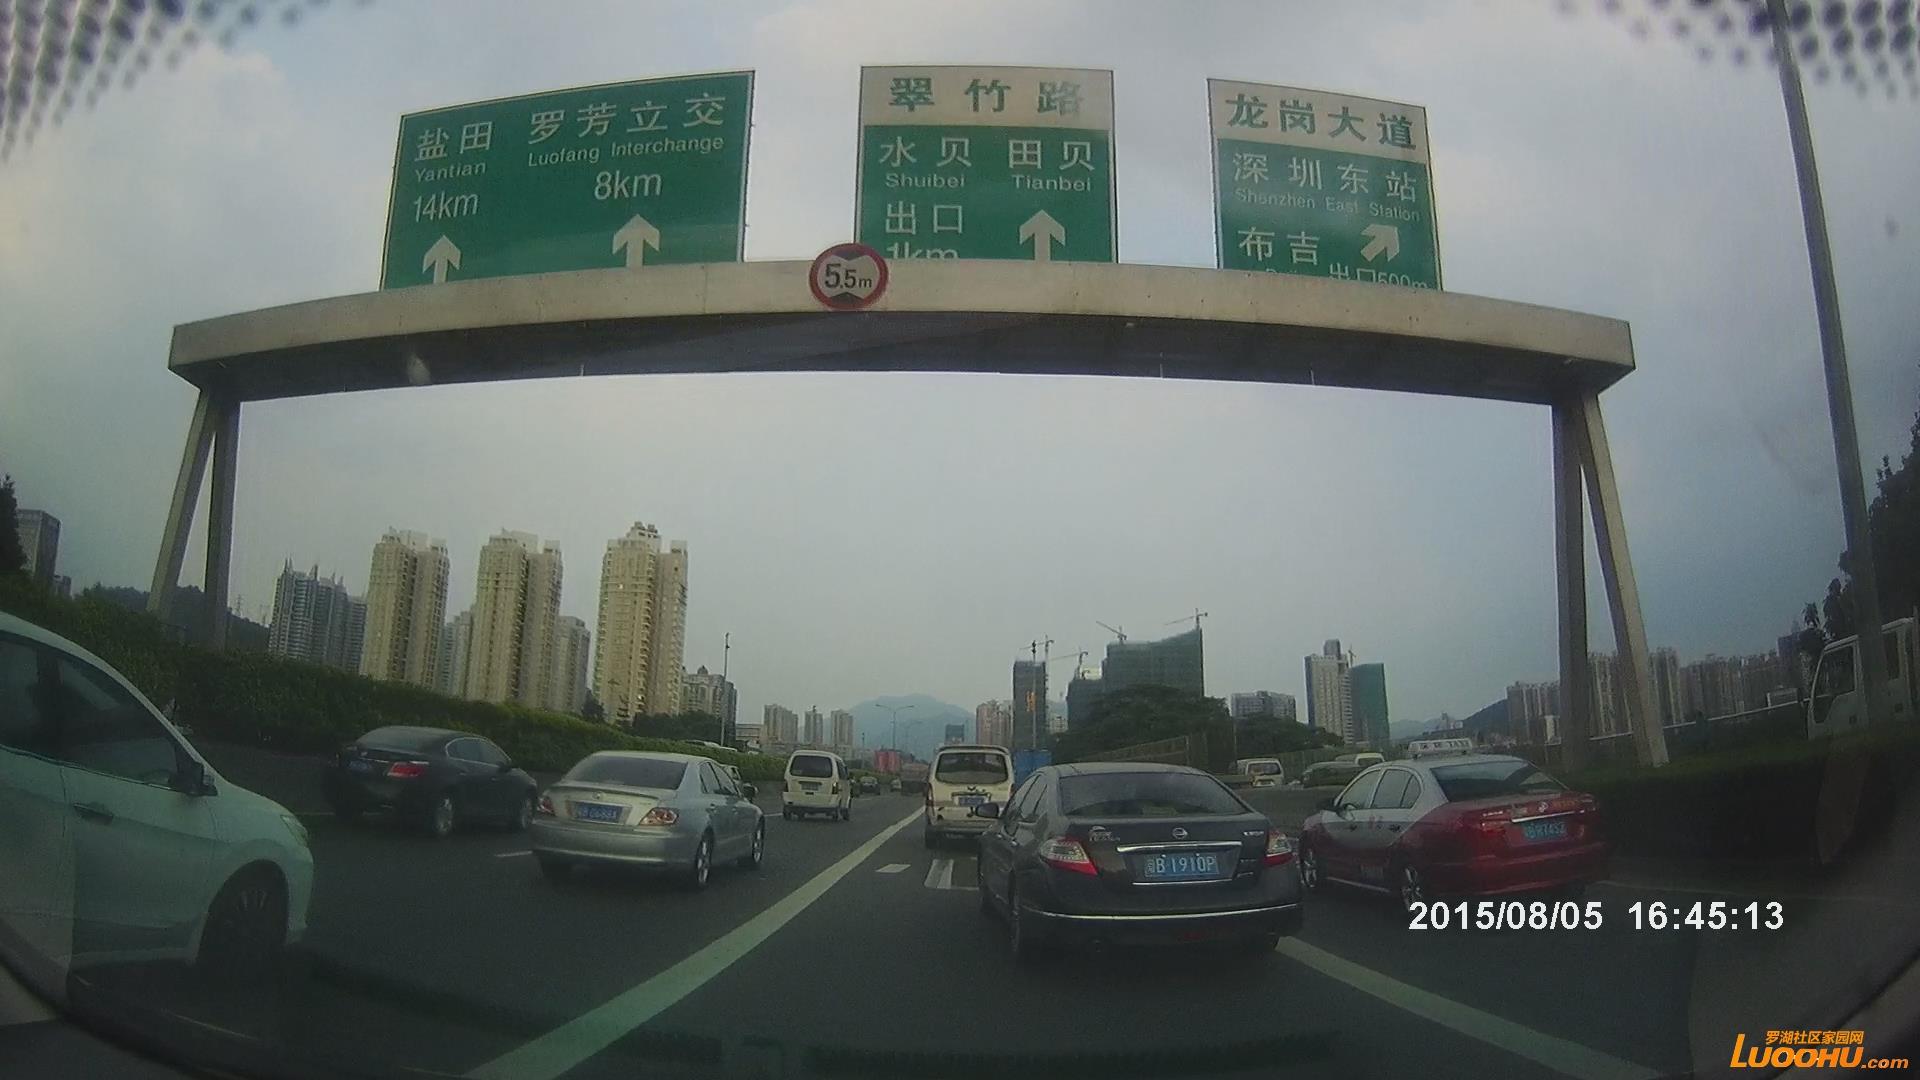 LH005-泥岗路东行接近文锦北路口1-7.jpg